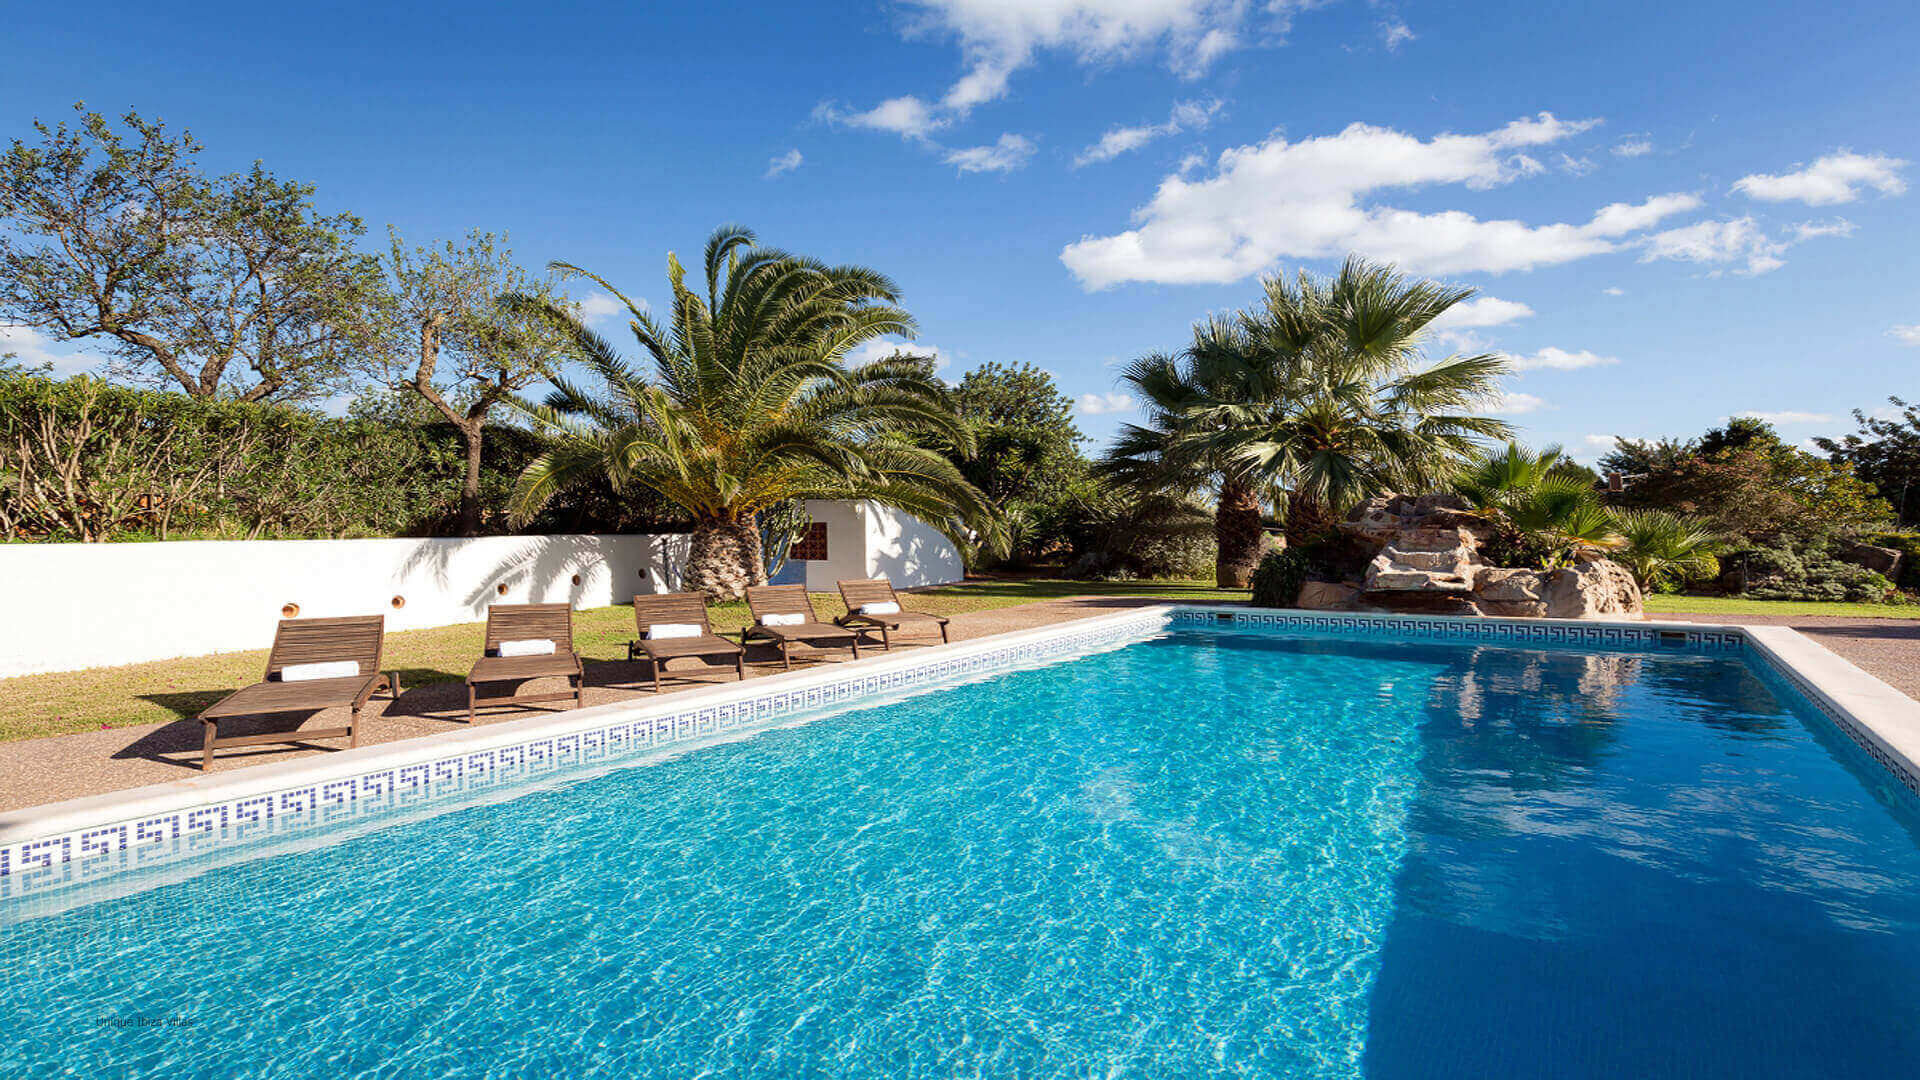 Can Payes Ibiza 2 Santa Eulalia